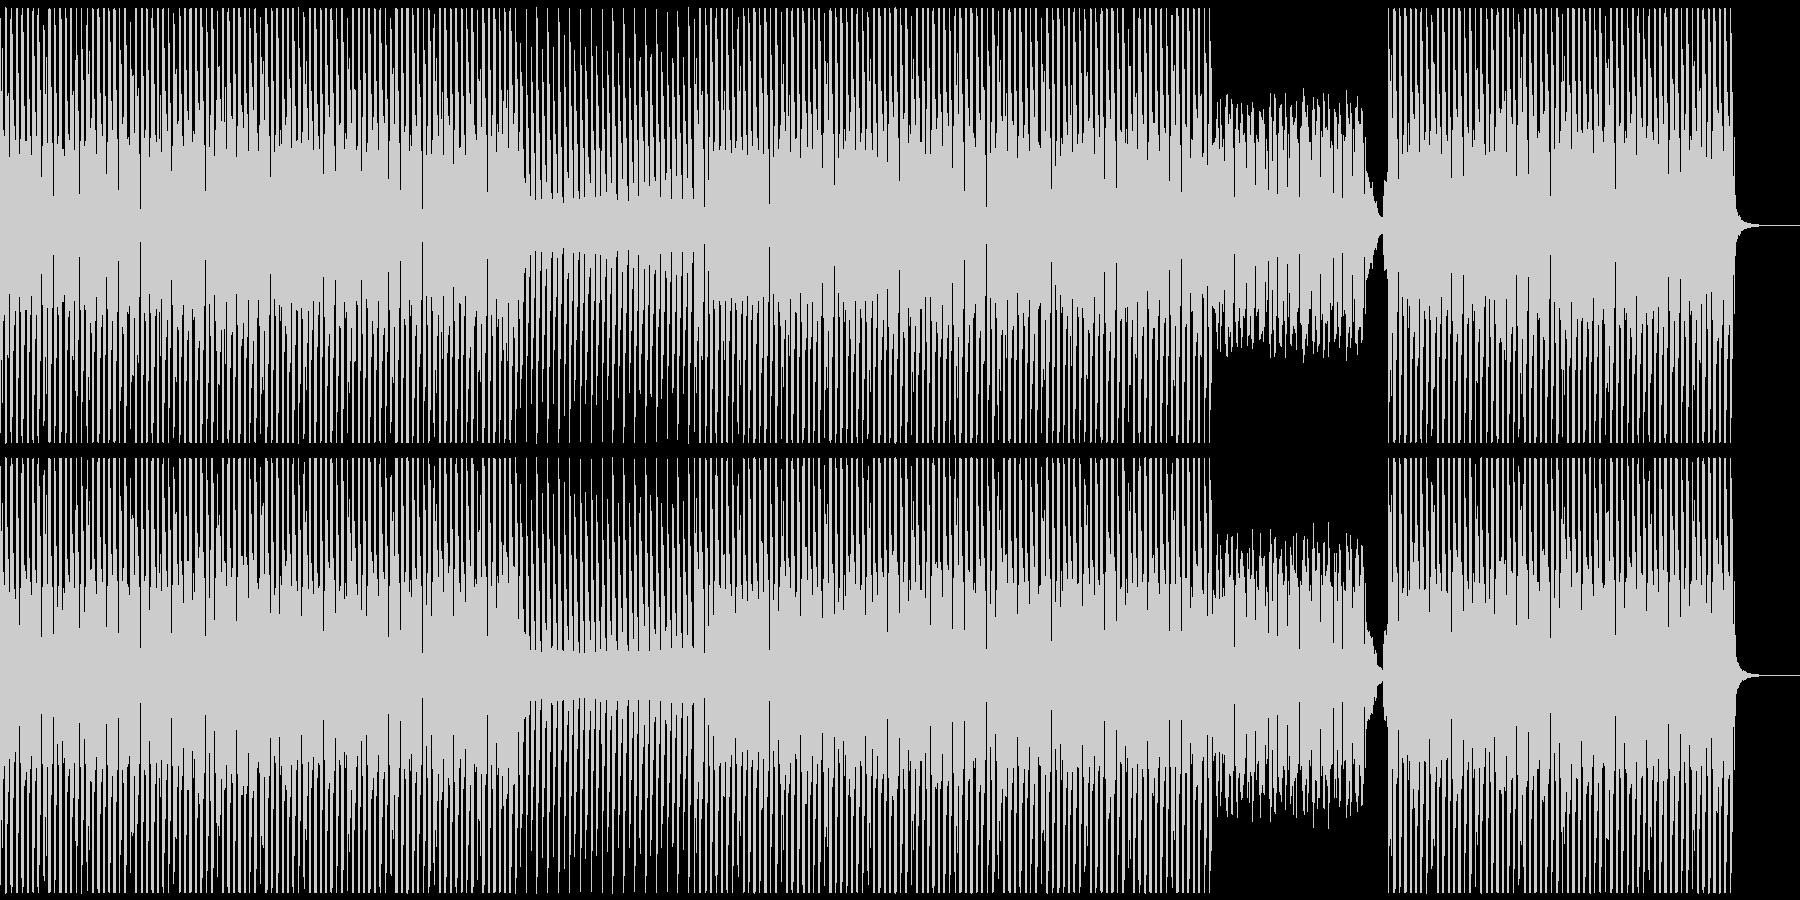 パワフルでアップテンポなミニマルテクノの未再生の波形